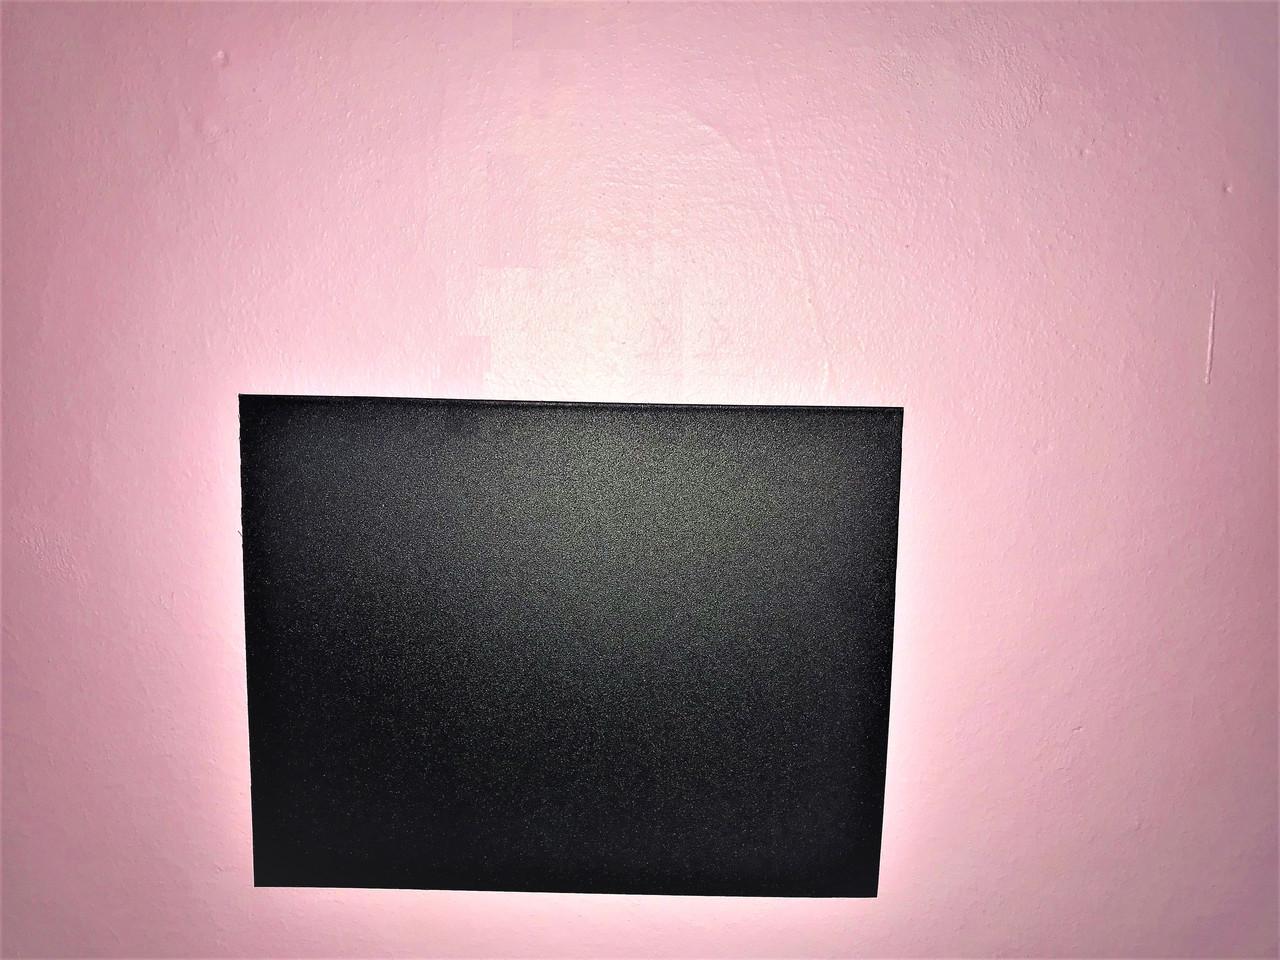 Крейдяна дошка А3 30х40 см Для малювання крейдою і маркером. Горизонтальна. Грифельна